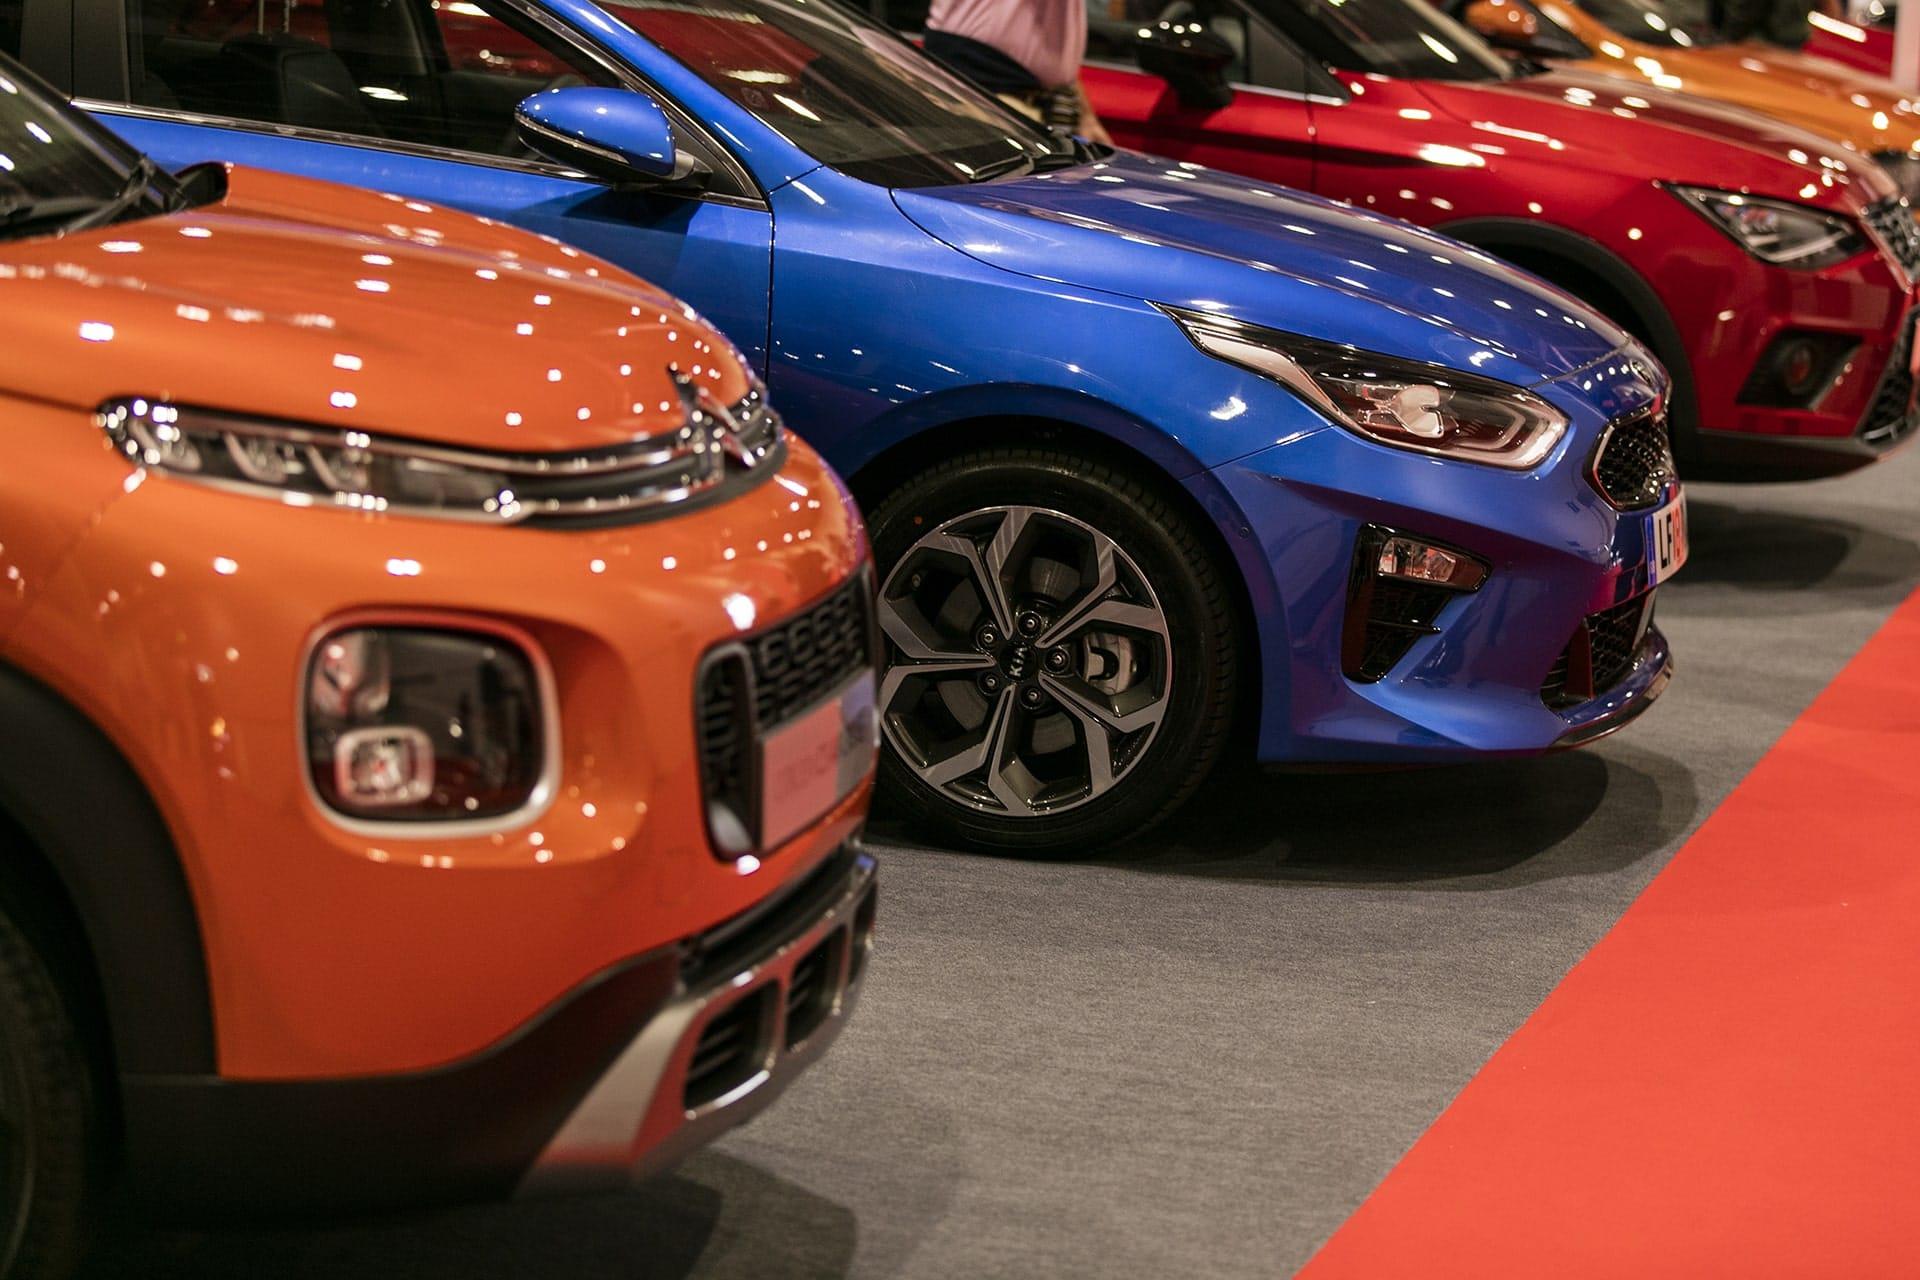 Acheter sa voiture sur un salon automobile : bonne ou mauvaise idée ?